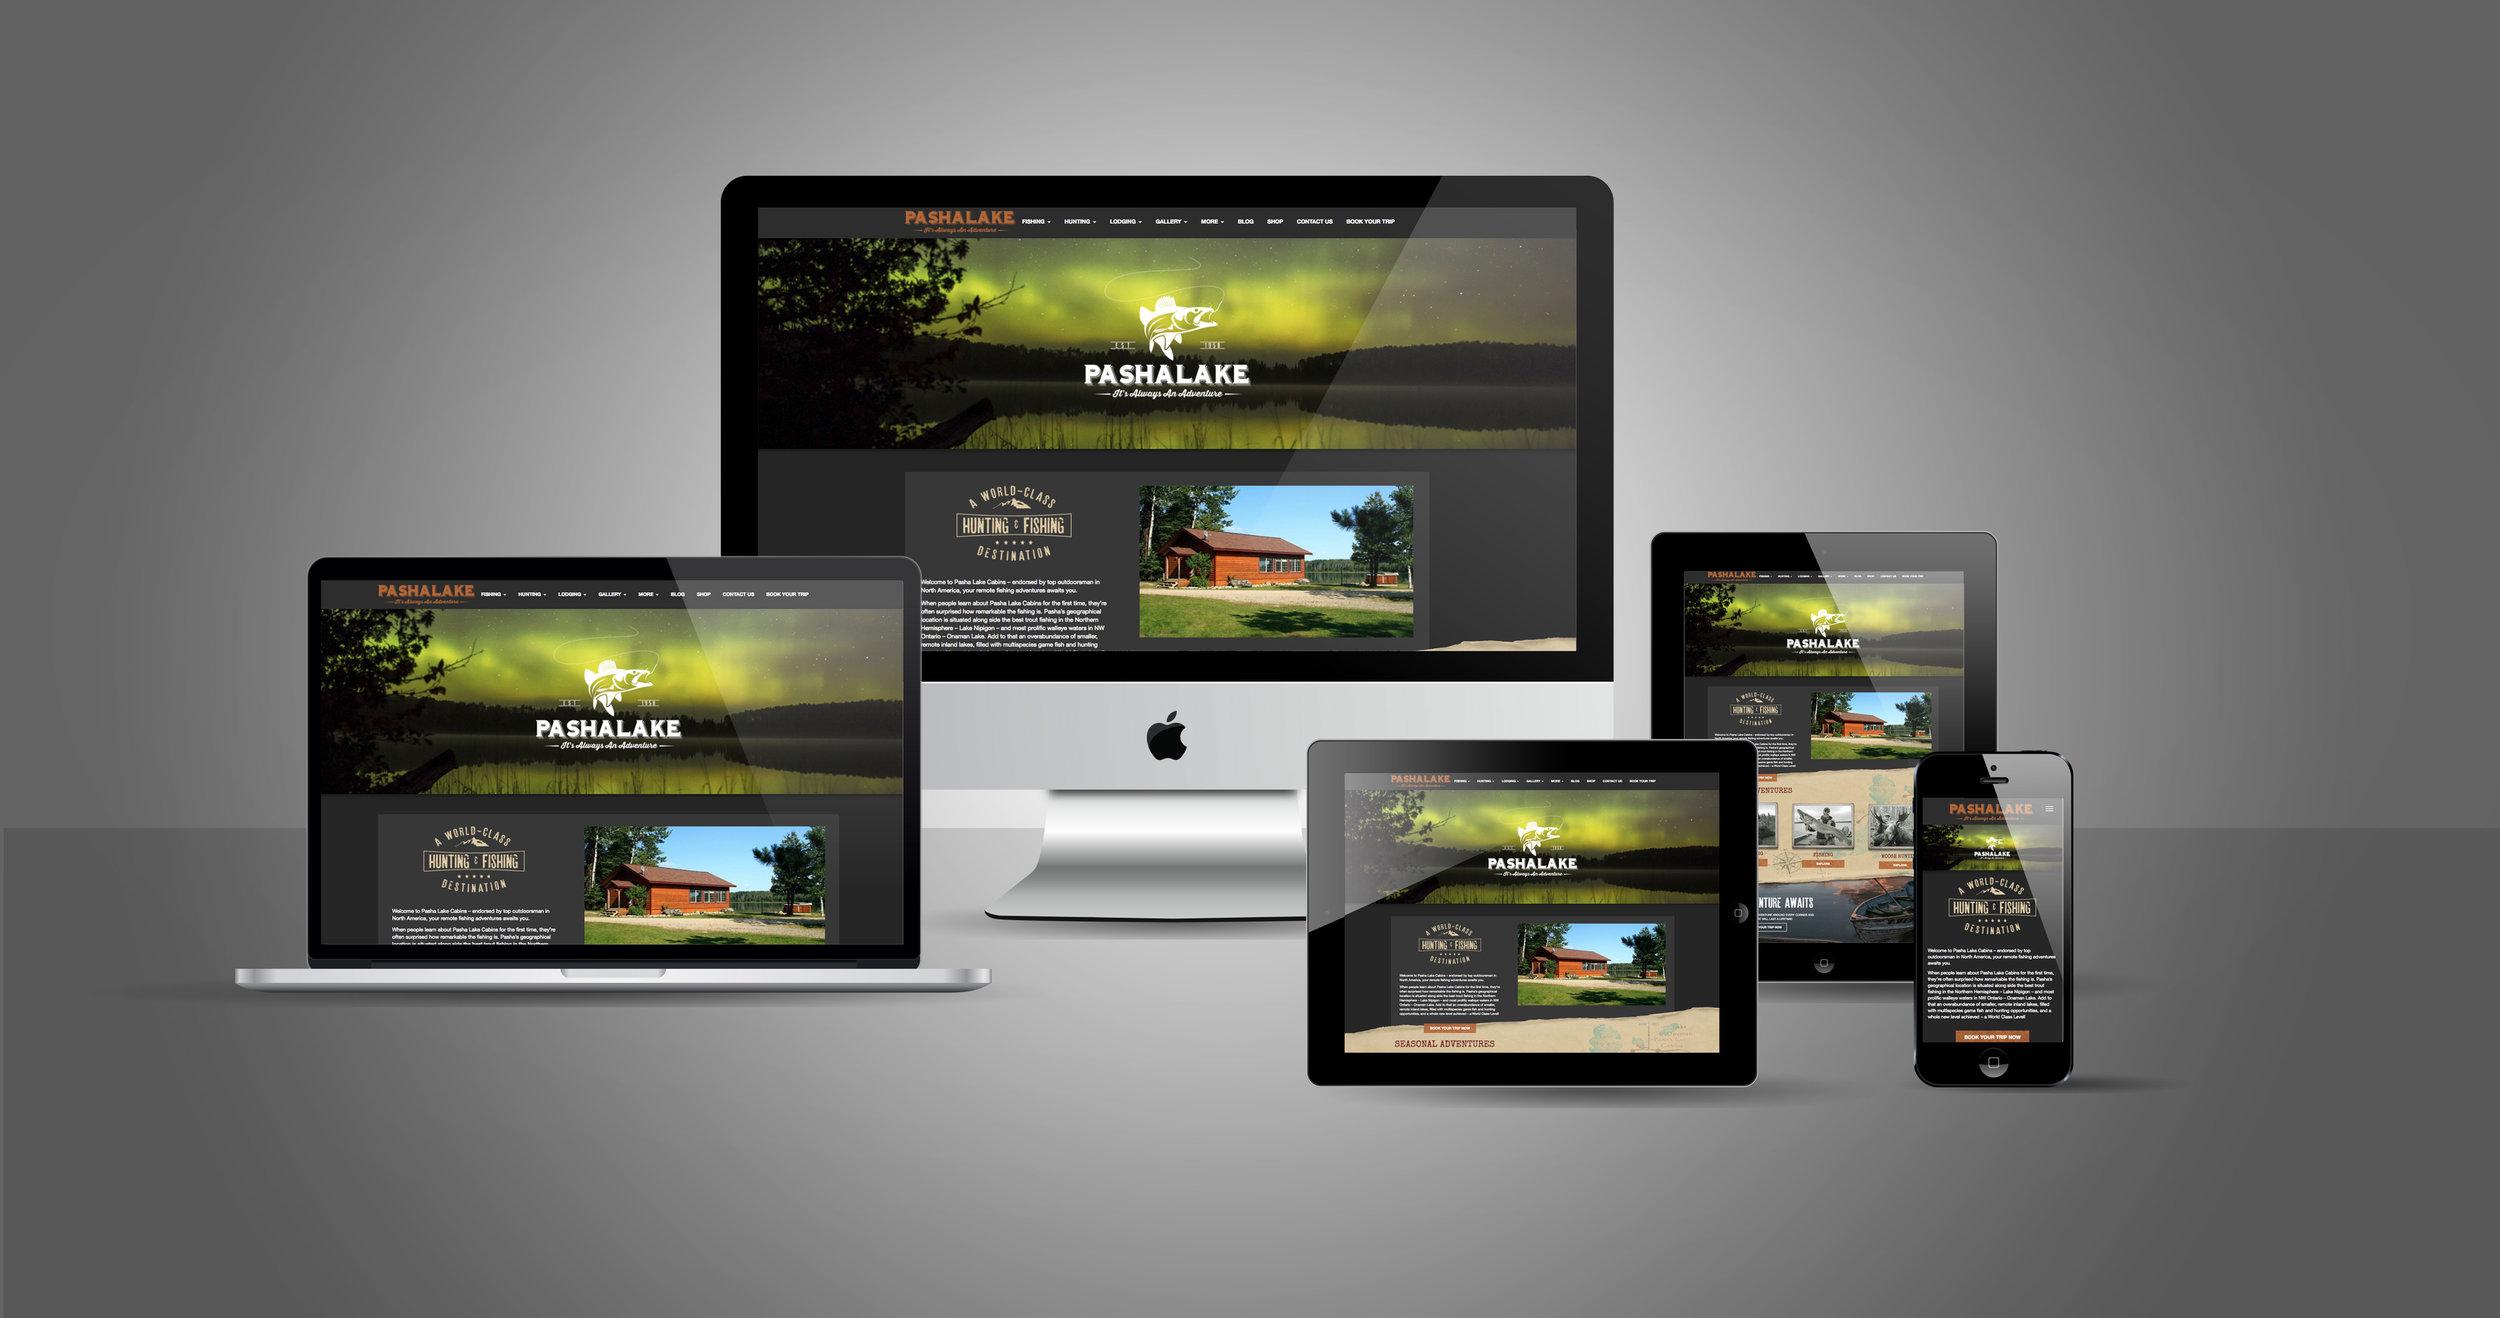 GLACIER WEBSITE DESIGN MOCKUP.jpg